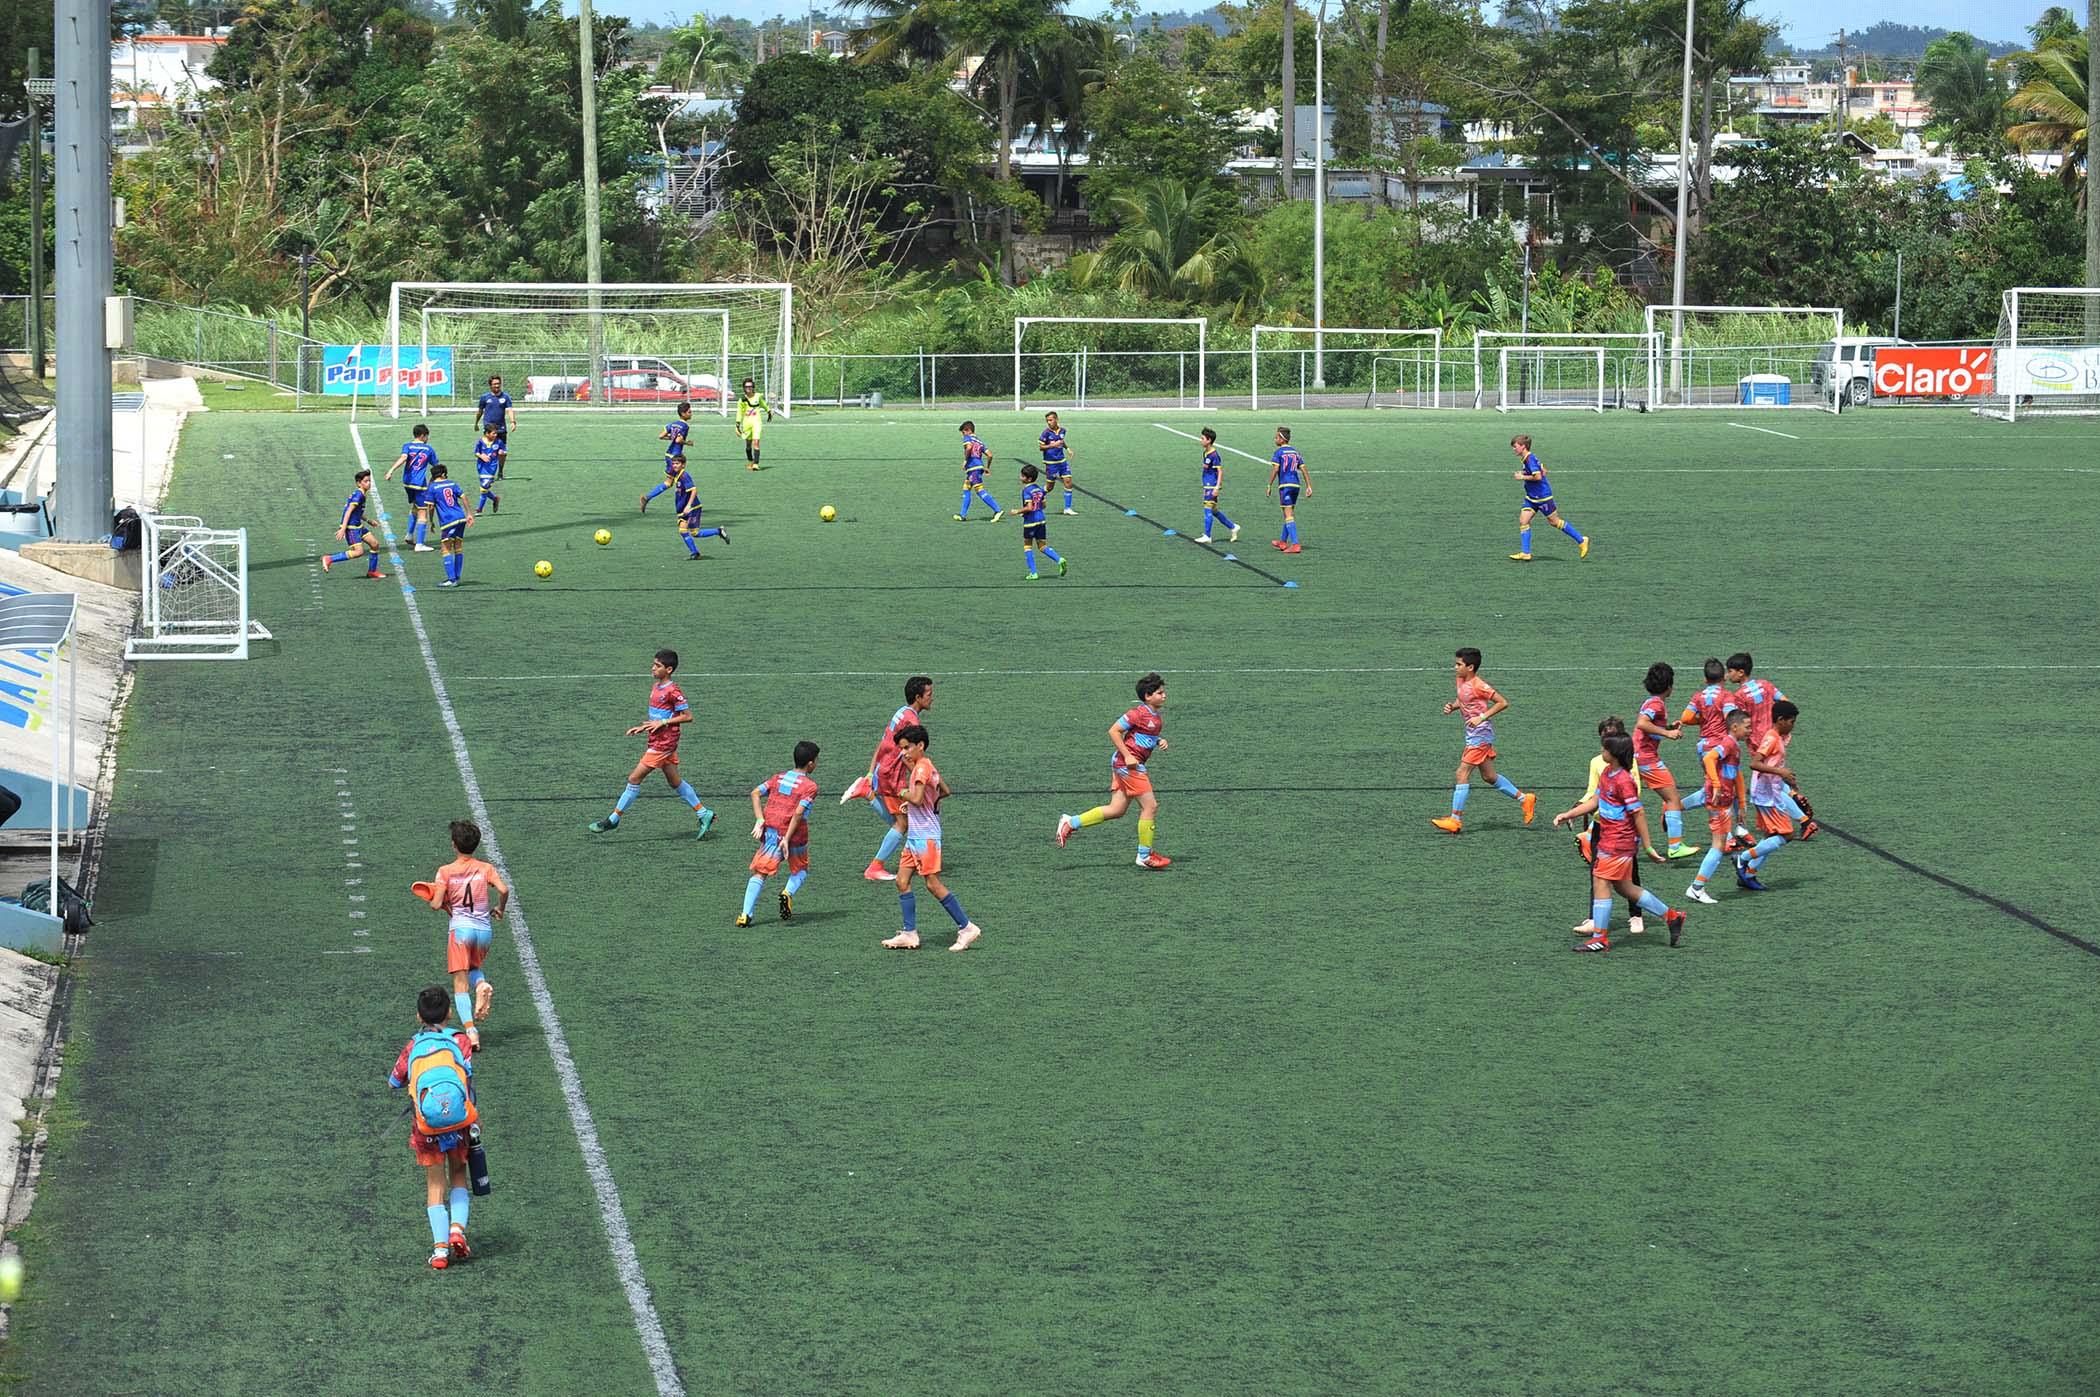 Parque de soccer jugadores jugando